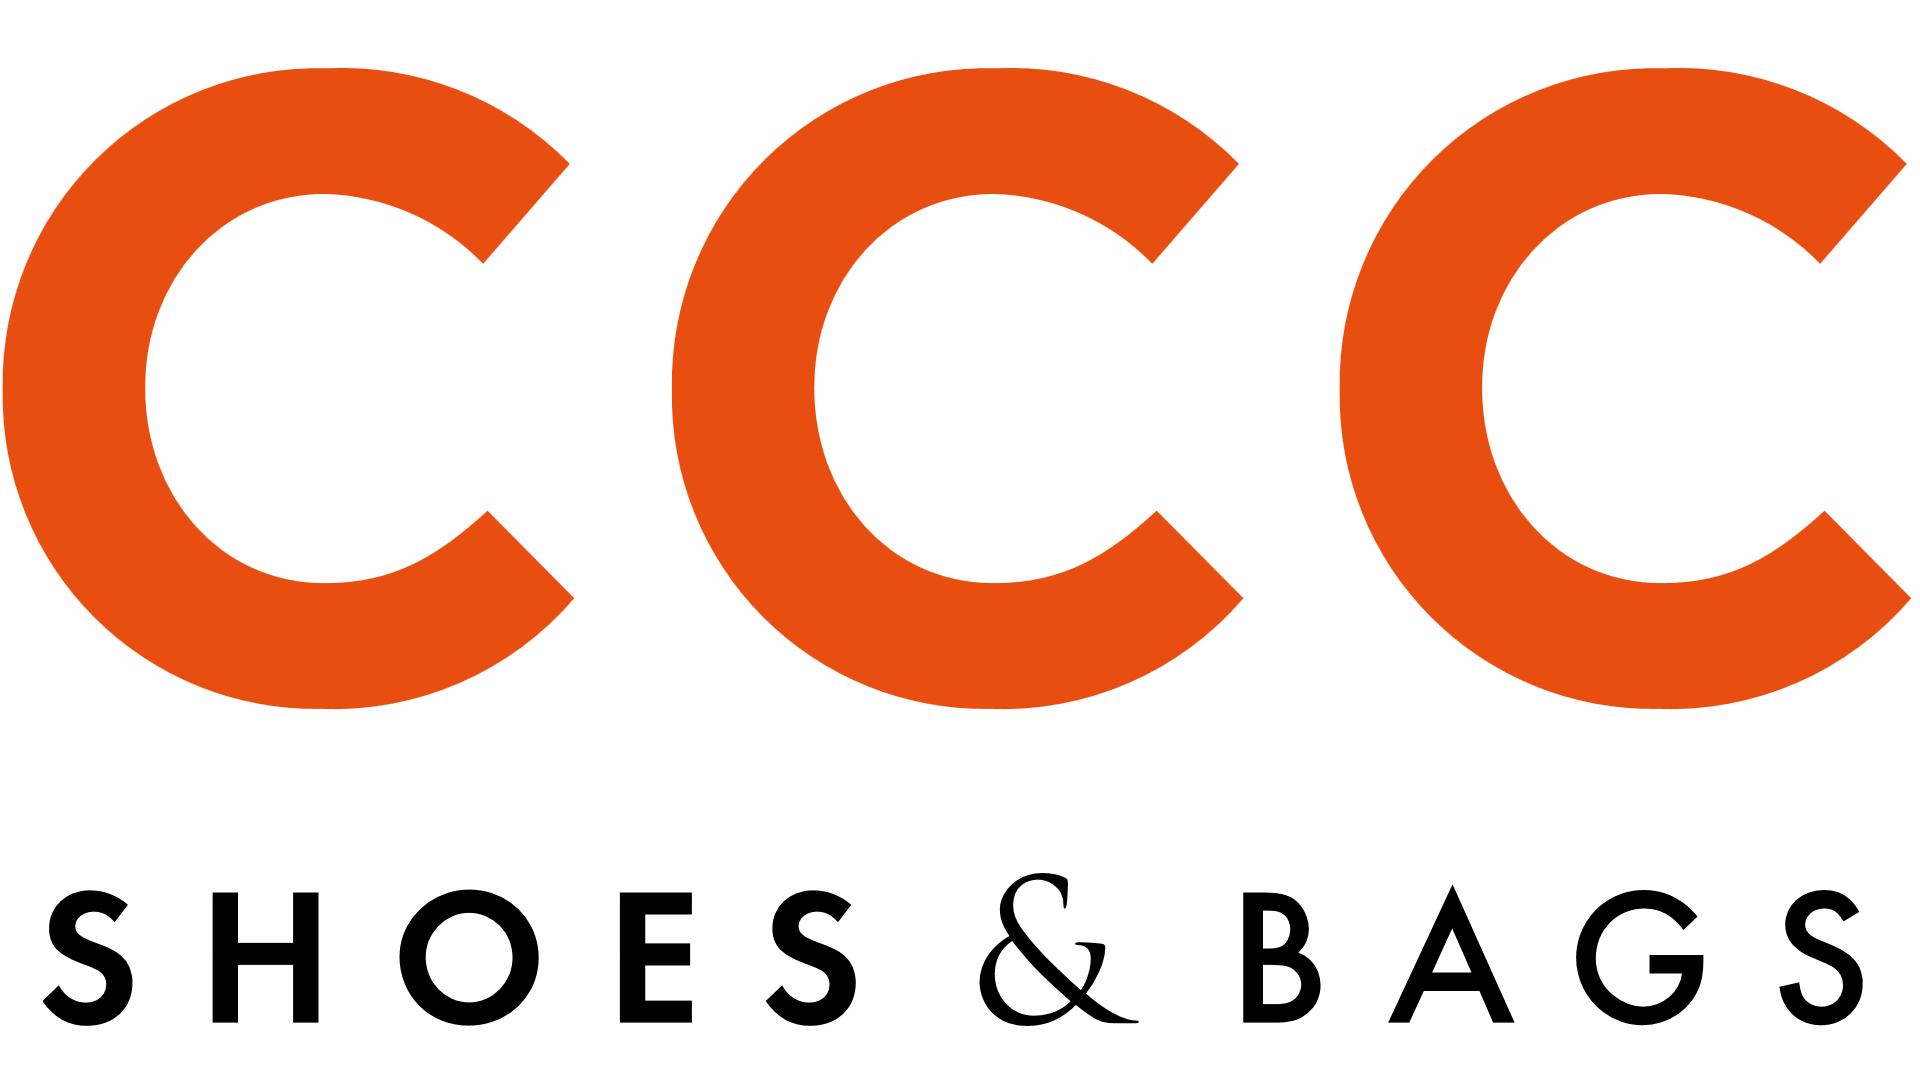 CCC Stacjonarnie drugi produkt 50% lub trzeci za 1 gr. Online -25% przy zamówieniu 2 produktów lub -34% przy zamówieniu 3 produktów.